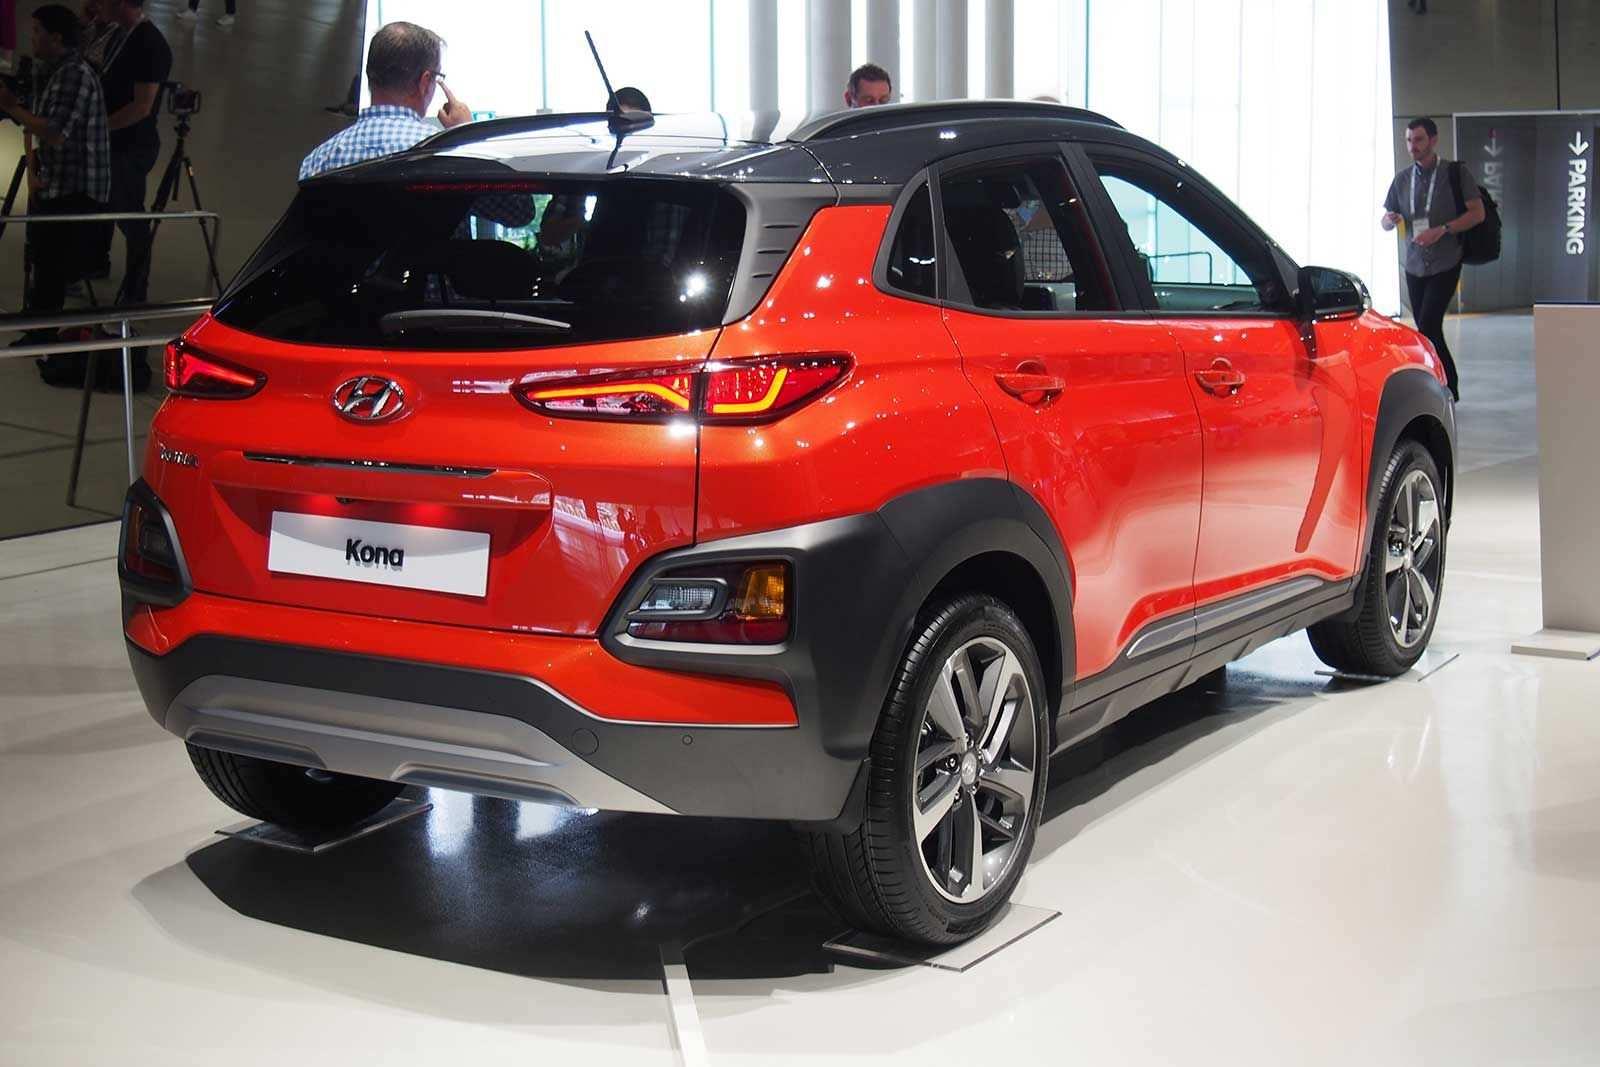 55 Gallery of Hyundai Kona Ev 2020 Prices by Hyundai Kona Ev 2020